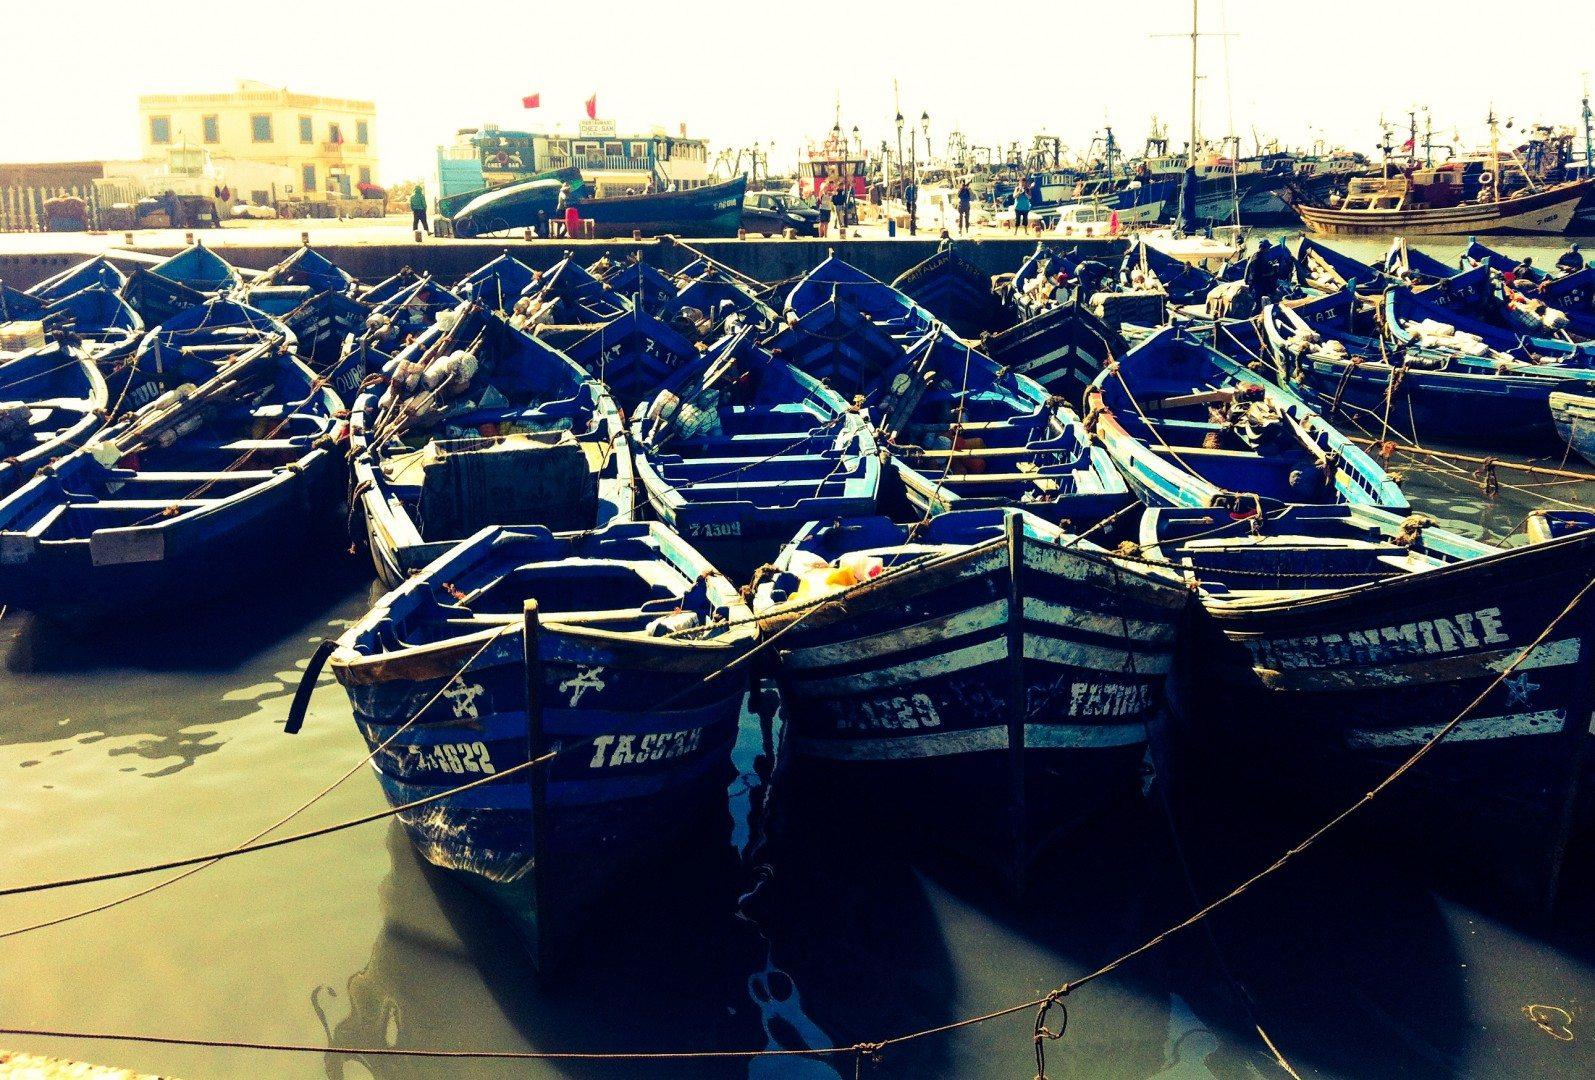 essaouira boats - je t'aime me neither